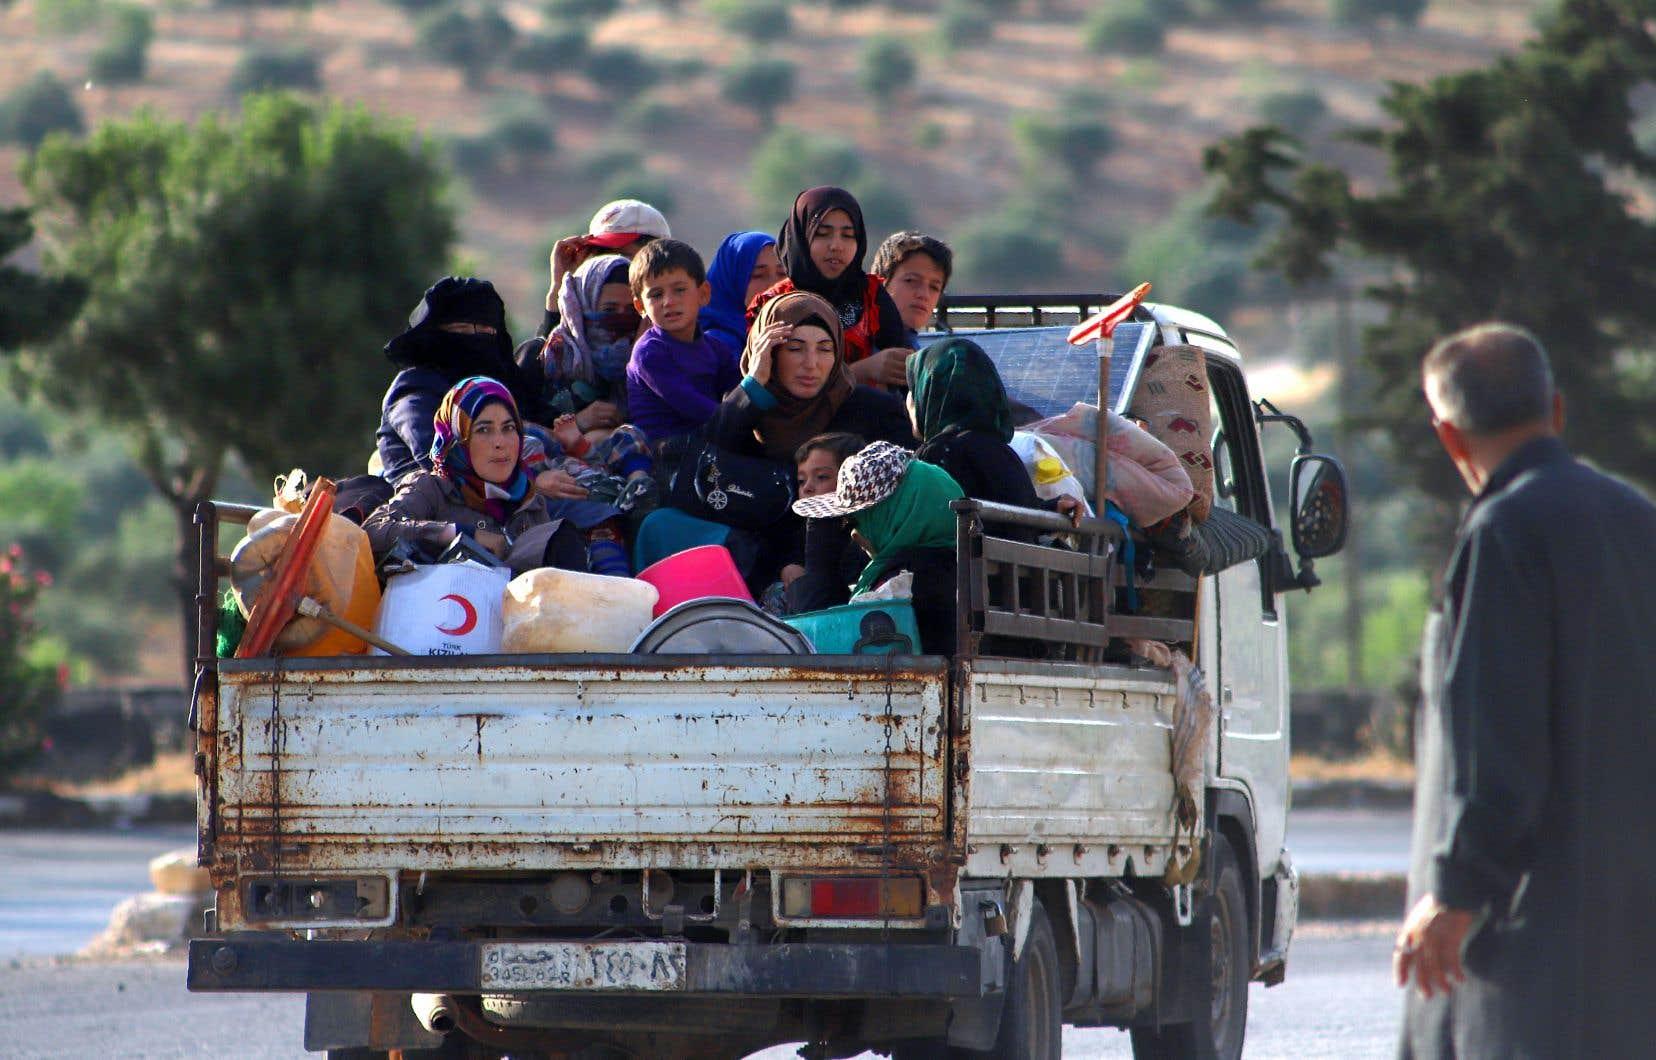 Environ un million de civils ont fui vers le nord de la province d'Idlib, qui échappe à tout contrôle, limitrophe de la Turquie, mais déjà saturée de camps de déplacés. Le pouvoir turc a réagi en envoyant en Syrie des renforts de soldats et de blindés.